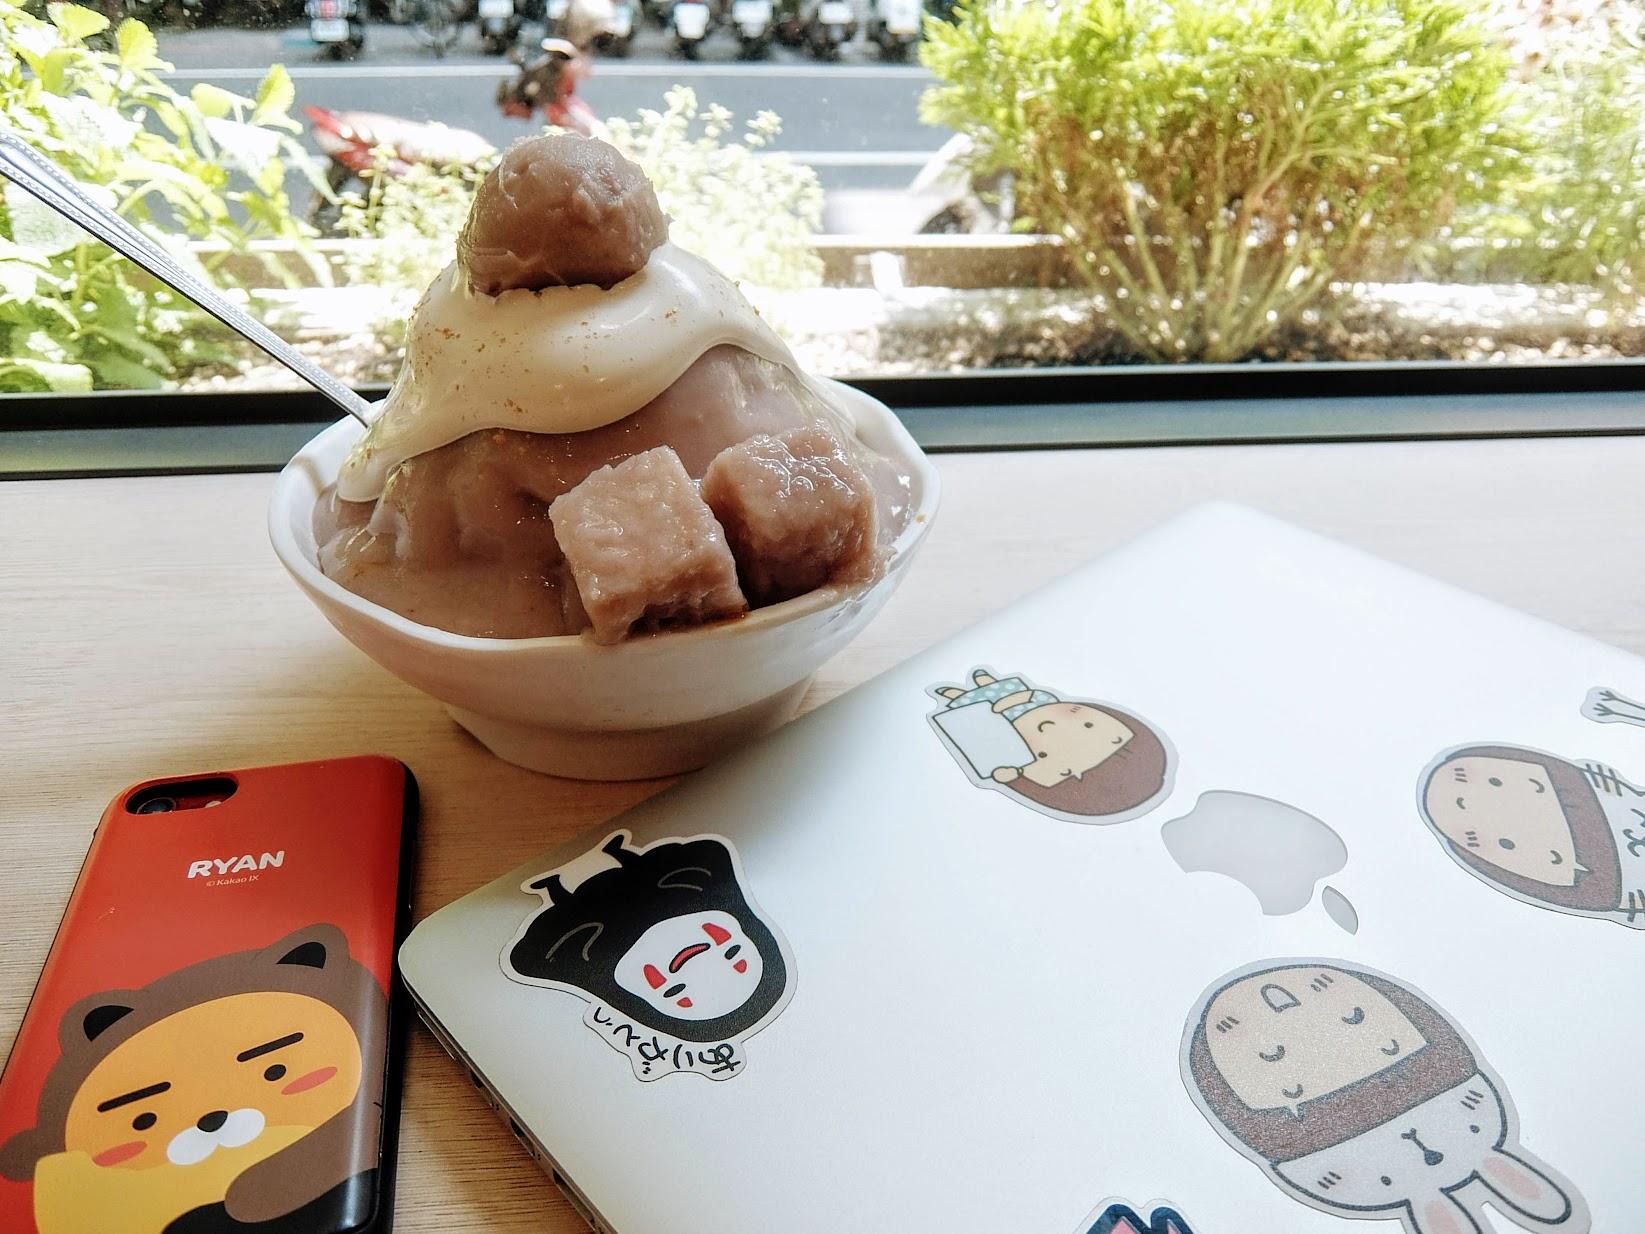 黃金海鹽奶蓋芋頭冰!! 今天讓我來個文青之旅吧! 用個mac+這個芋頭冰來度過下午時光